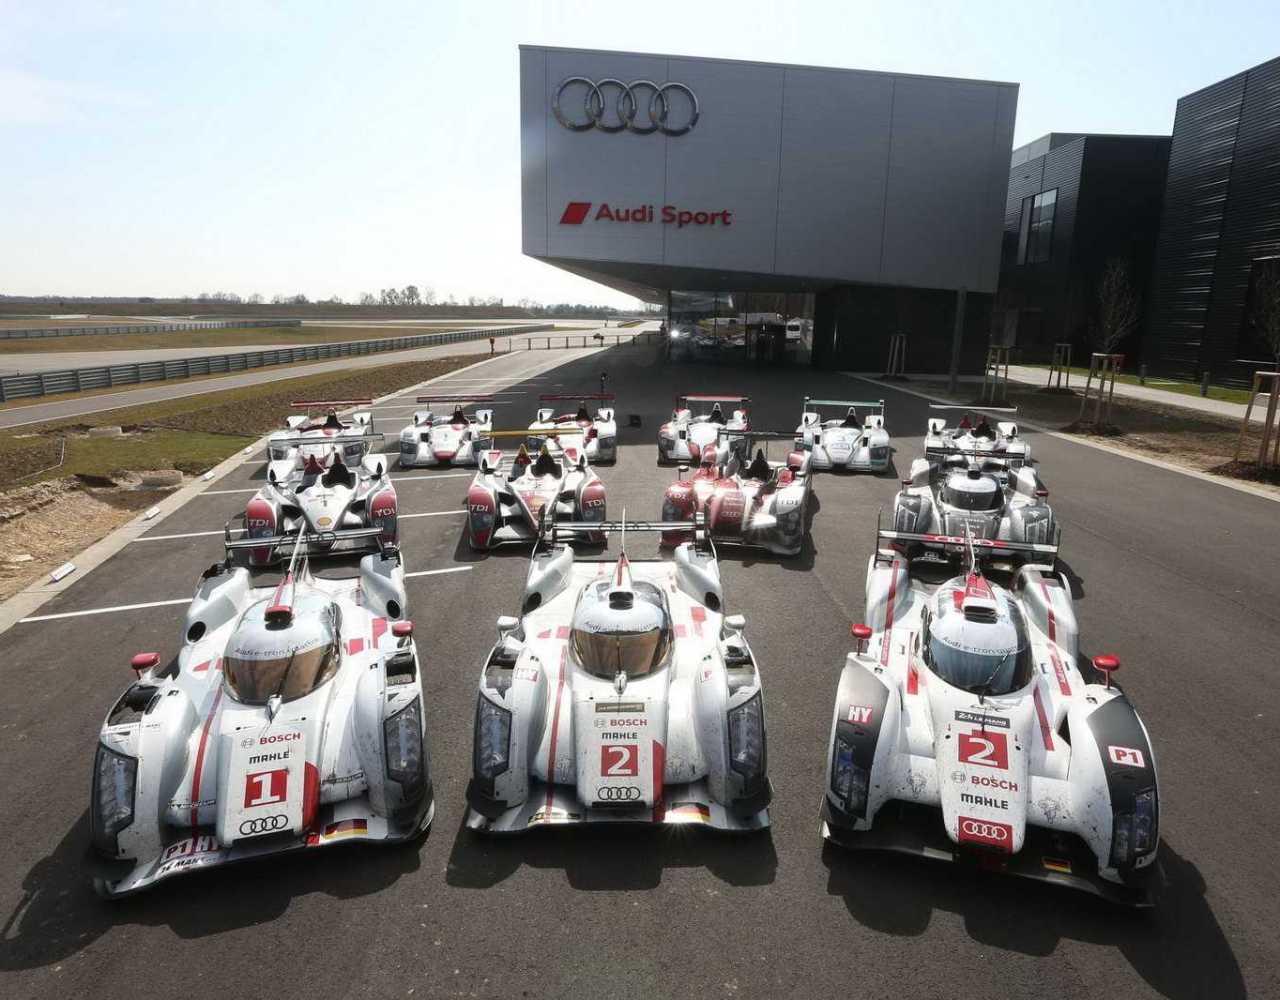 Las 24 horas de Le Mans: la carrera más dura del año para AUDI